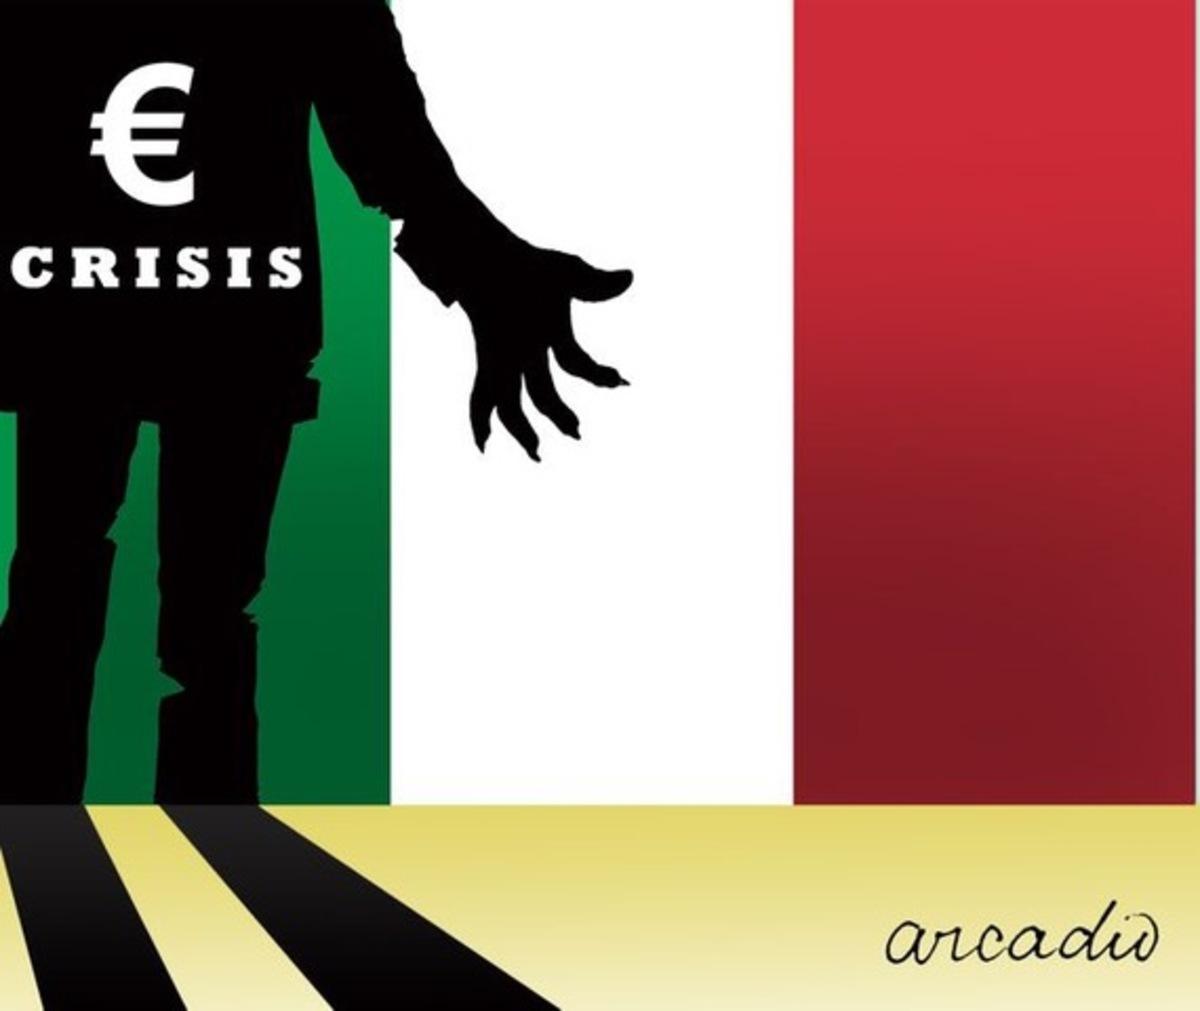 Τι συμβαίνει με την Ιταλία; | Newsit.gr